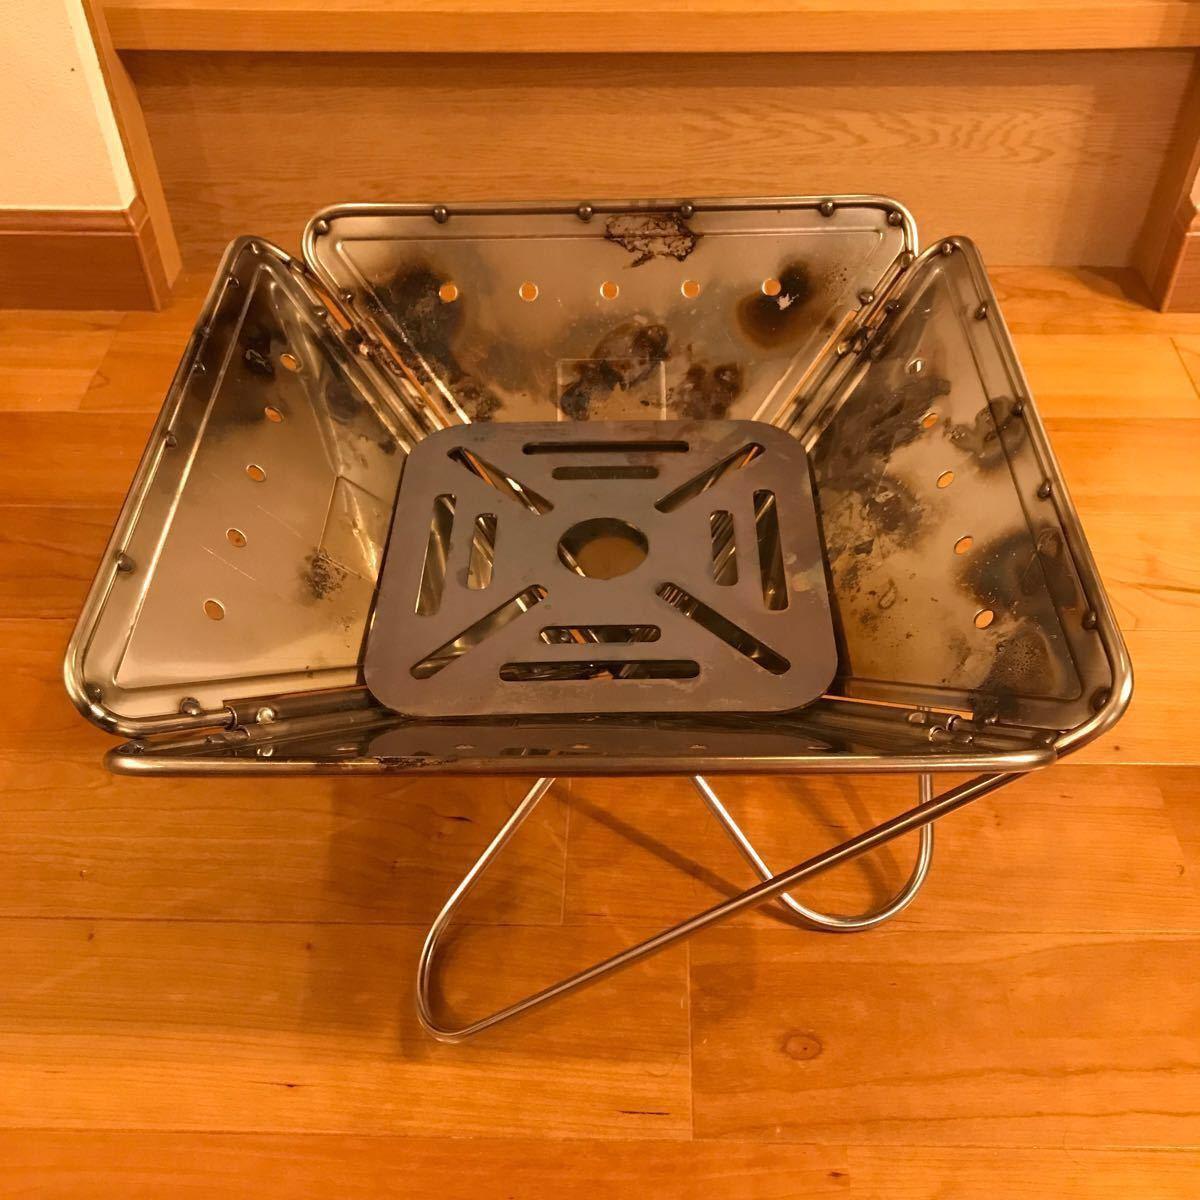 スノーピーク  焚き火台 M  セット 廃盤旧デザイン収納バック付き